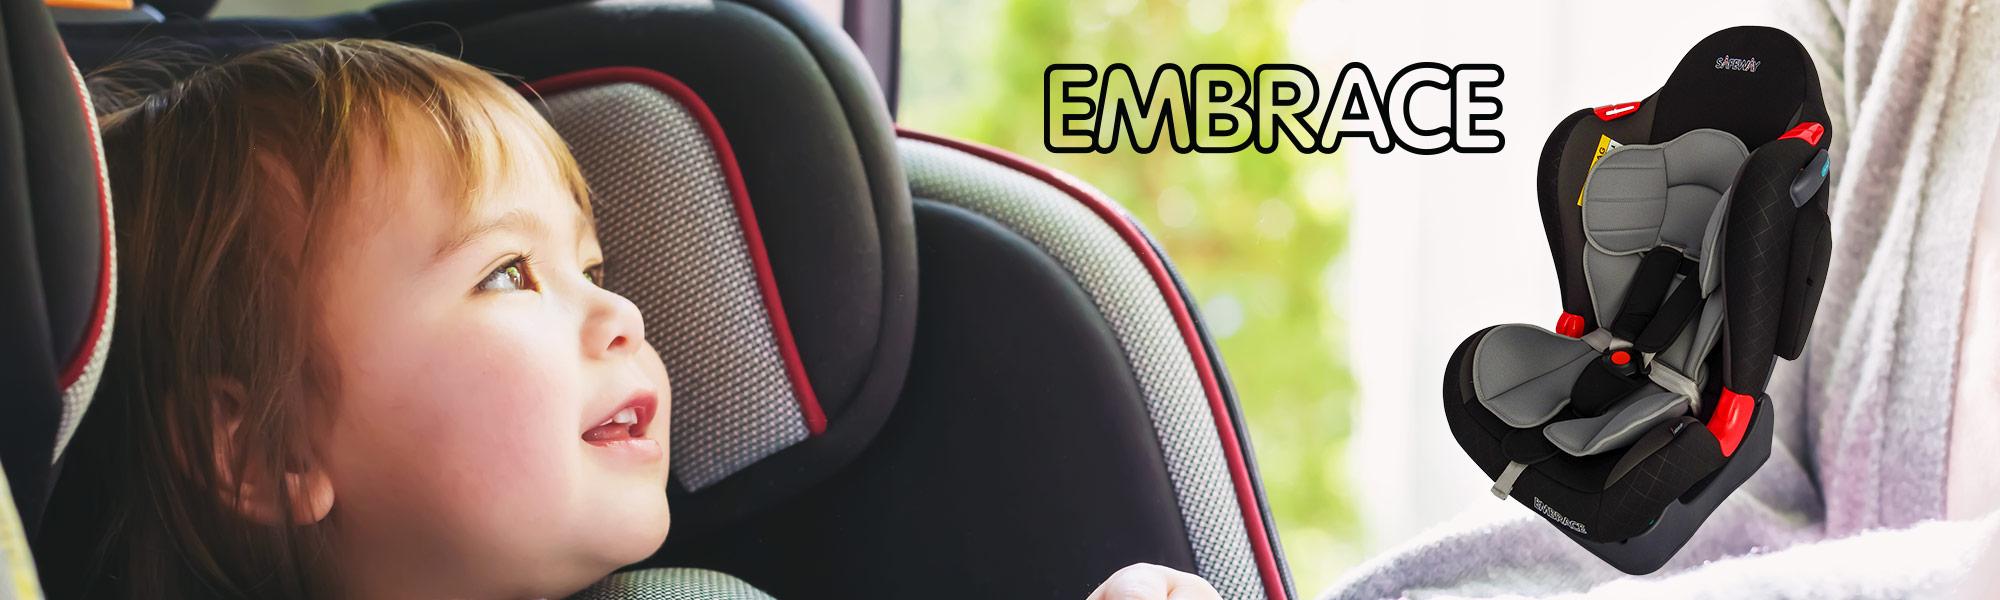 Embrace-2000x600